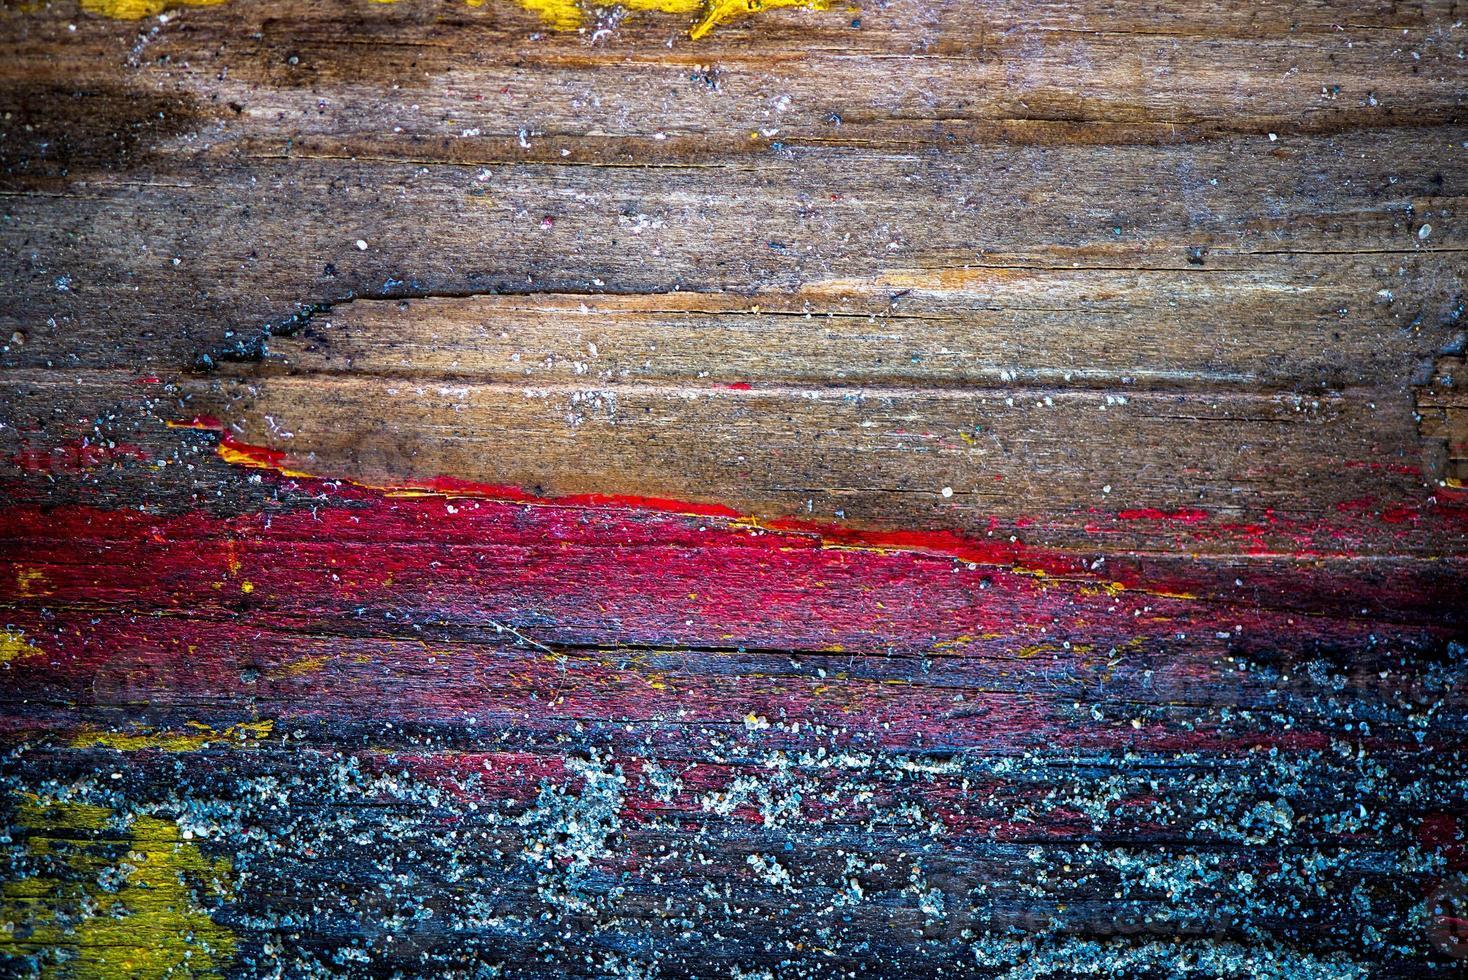 vieux mur en bois peint avec du sable dessus photo